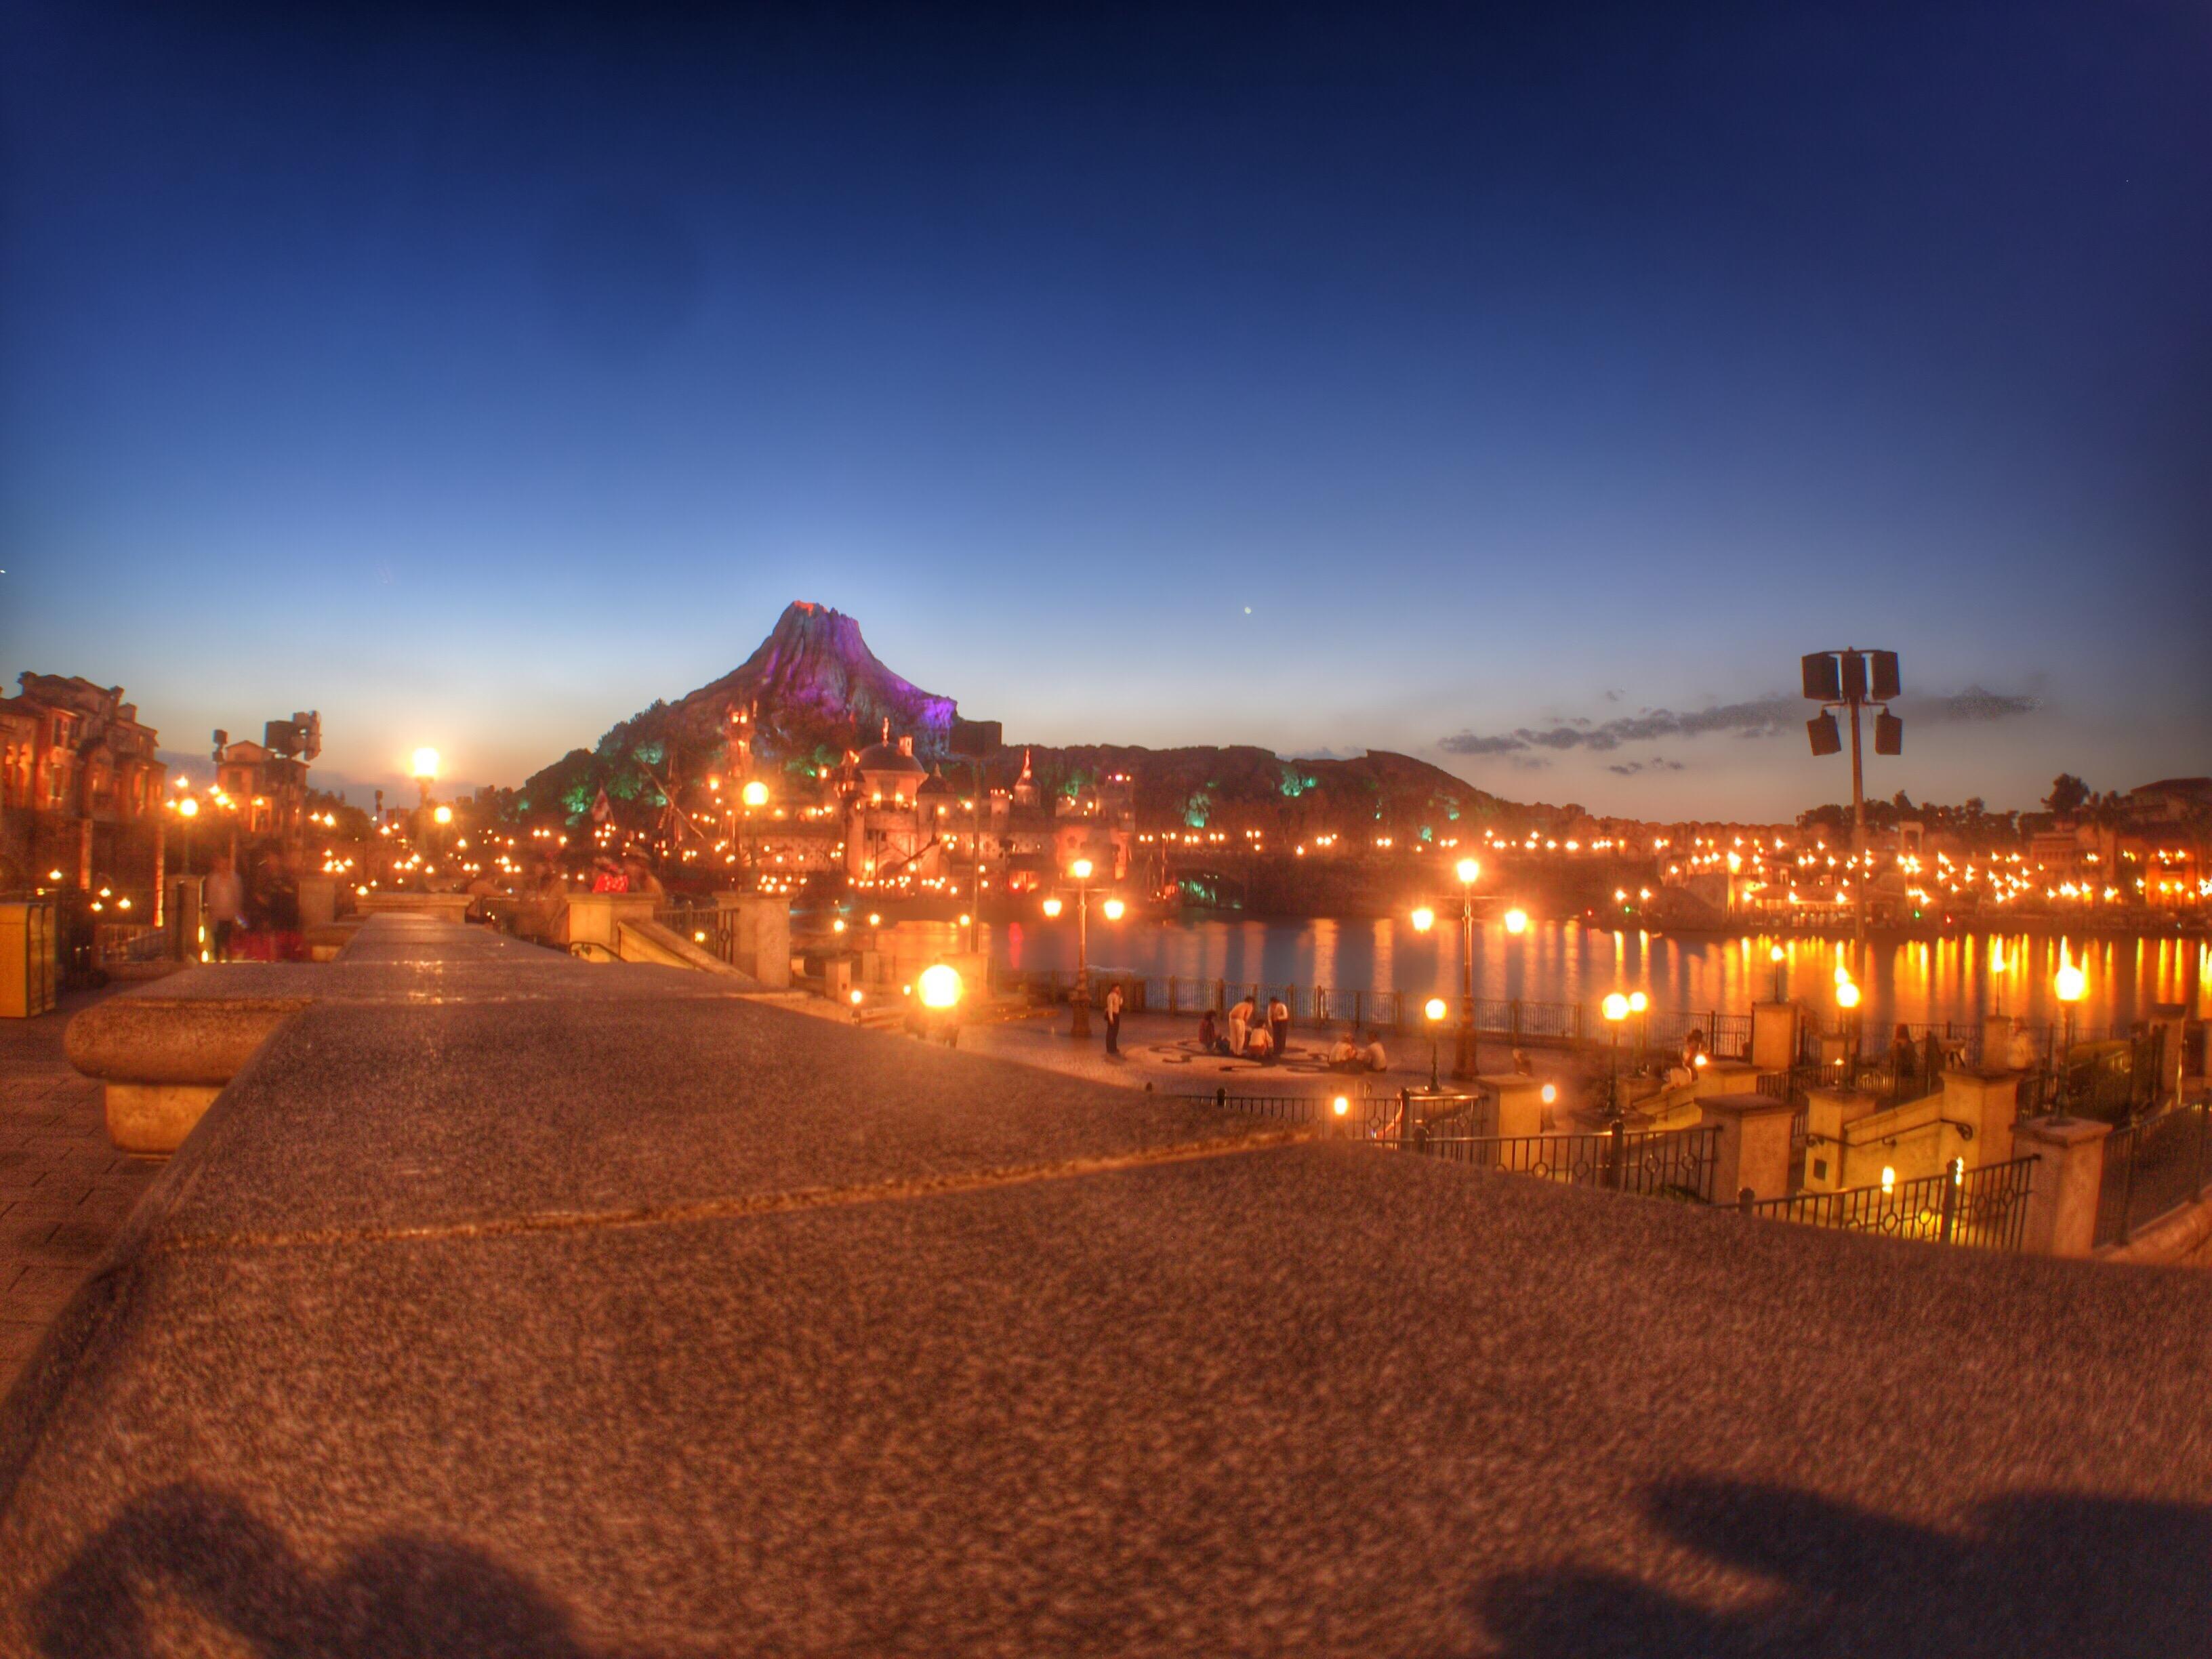 プロメテウス火山夜